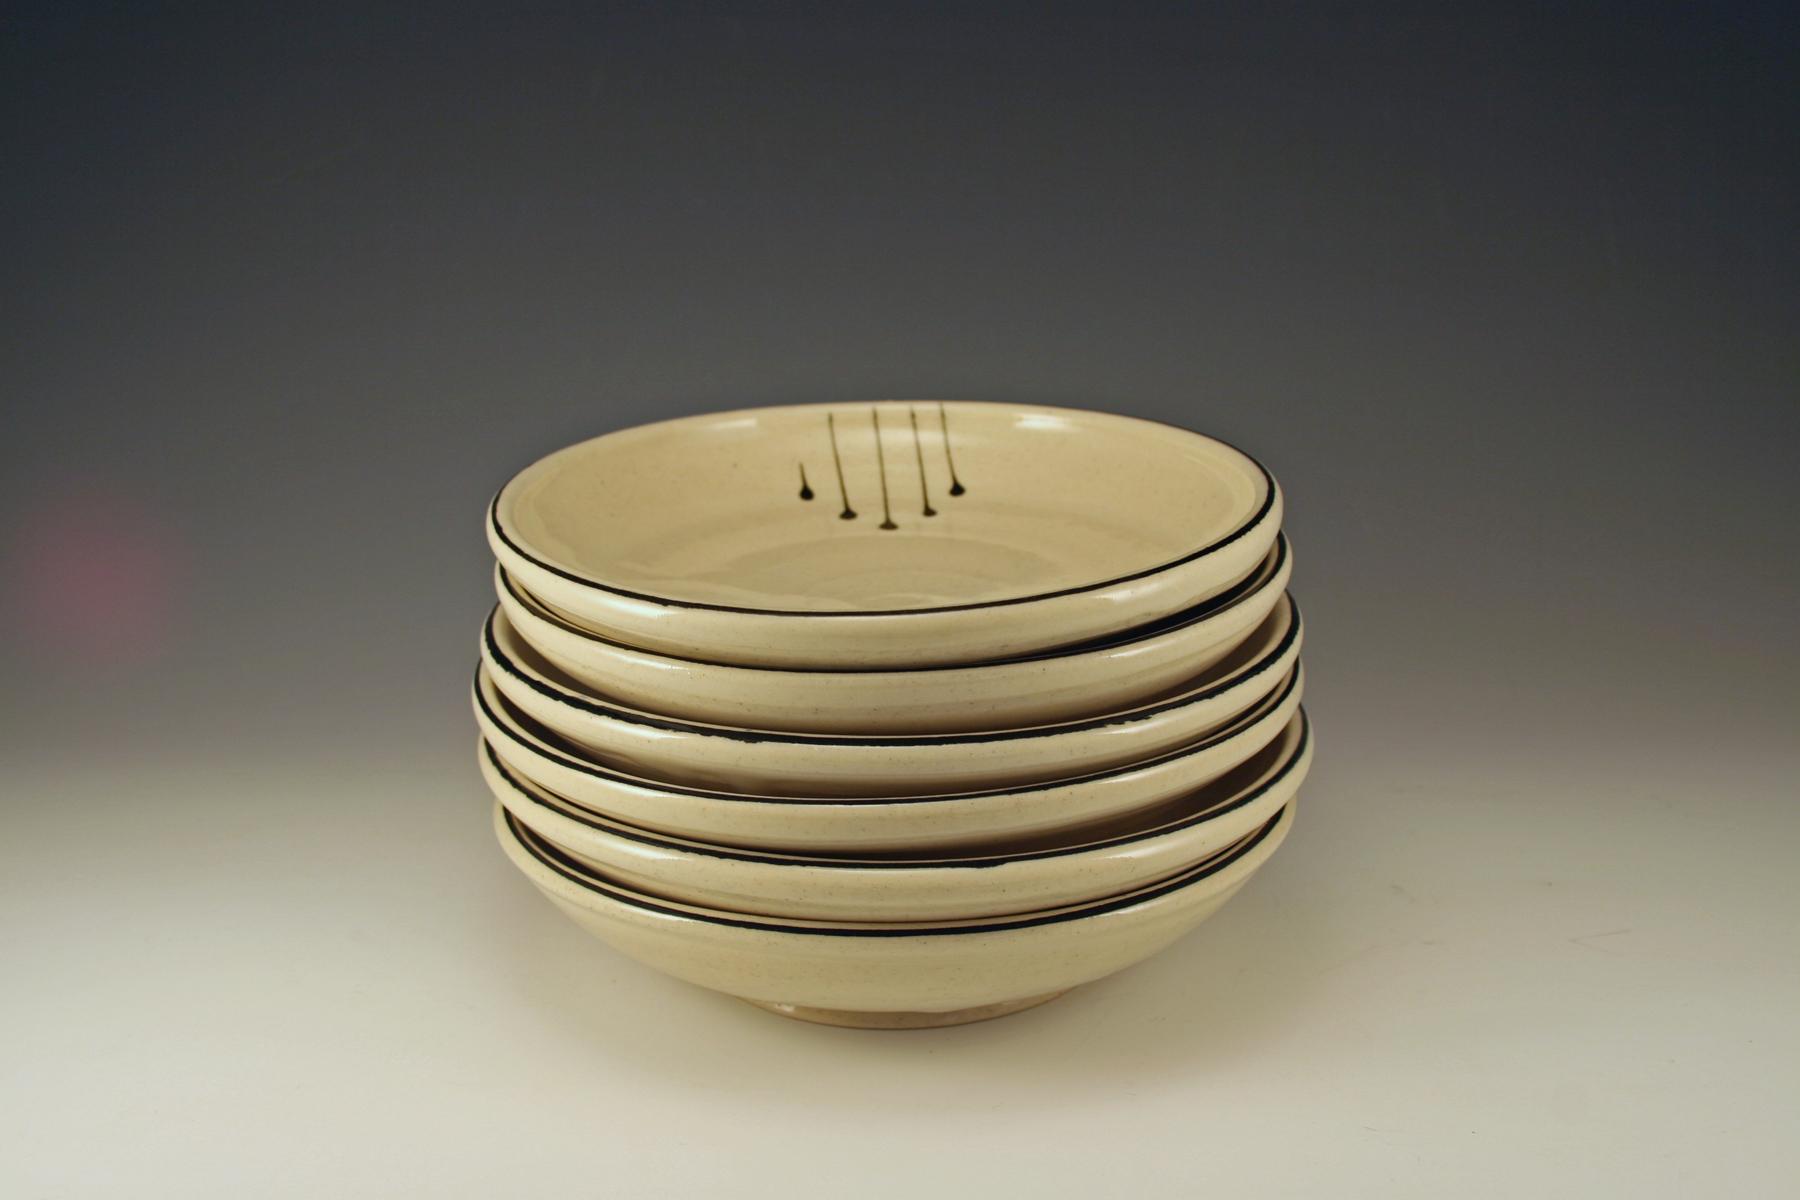 Fertility bowls